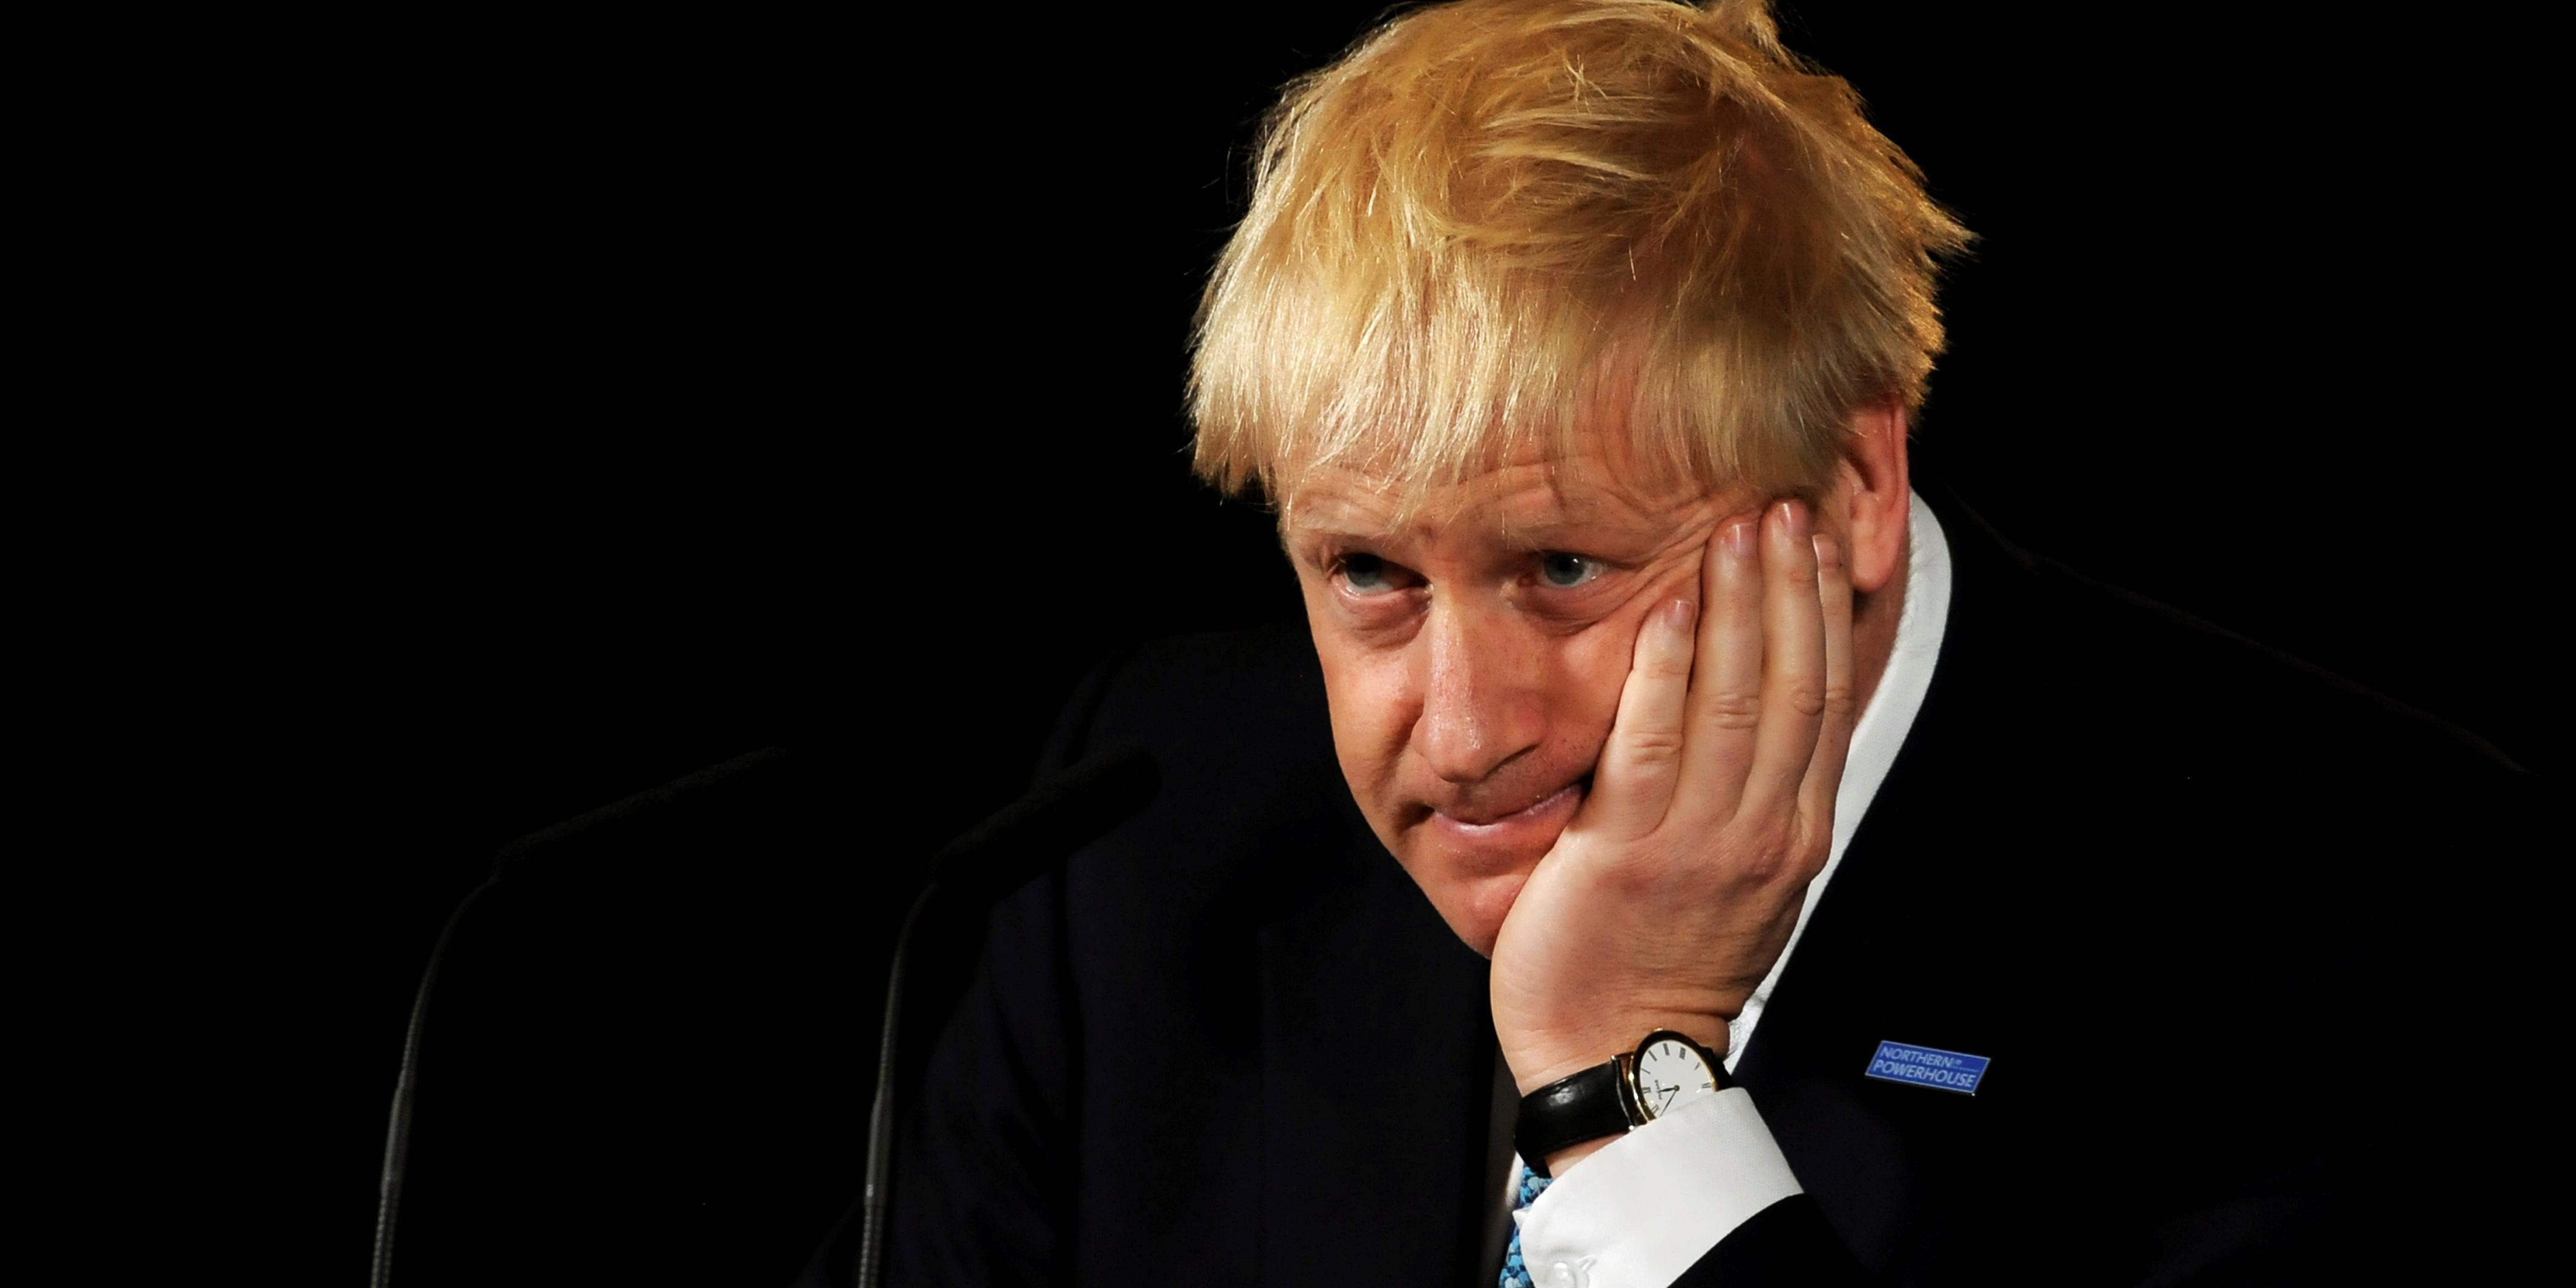 Sanctions contre Airbus: Boris Johnson décu par Trump qui veut taxer le whisky entre autres produits européens